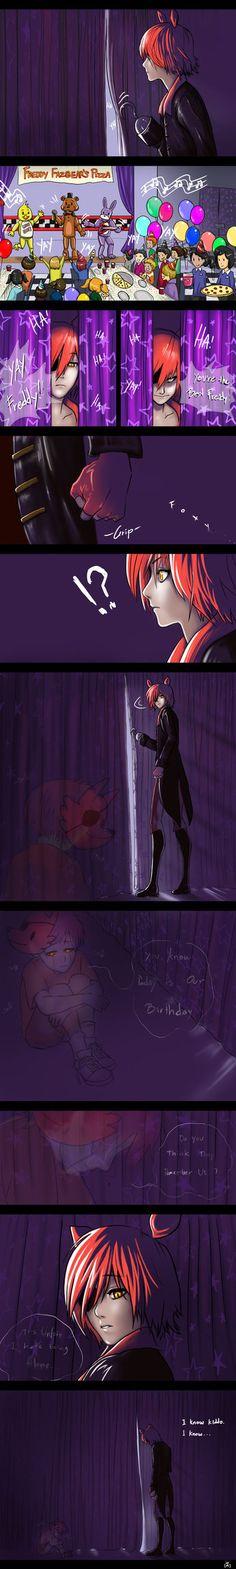 [Comic] I was never Welcome. Niño1: Yay, Freddy! Niño2: Tu eres el mejor, Freddy Niño Foxy: Sabes que hoy es nuestro cumpreaño                  Crees que ellos recordaran de nosotro?                  Esto es injusto, odeo estar solo Foxy: Lo sé, niño, lo sé